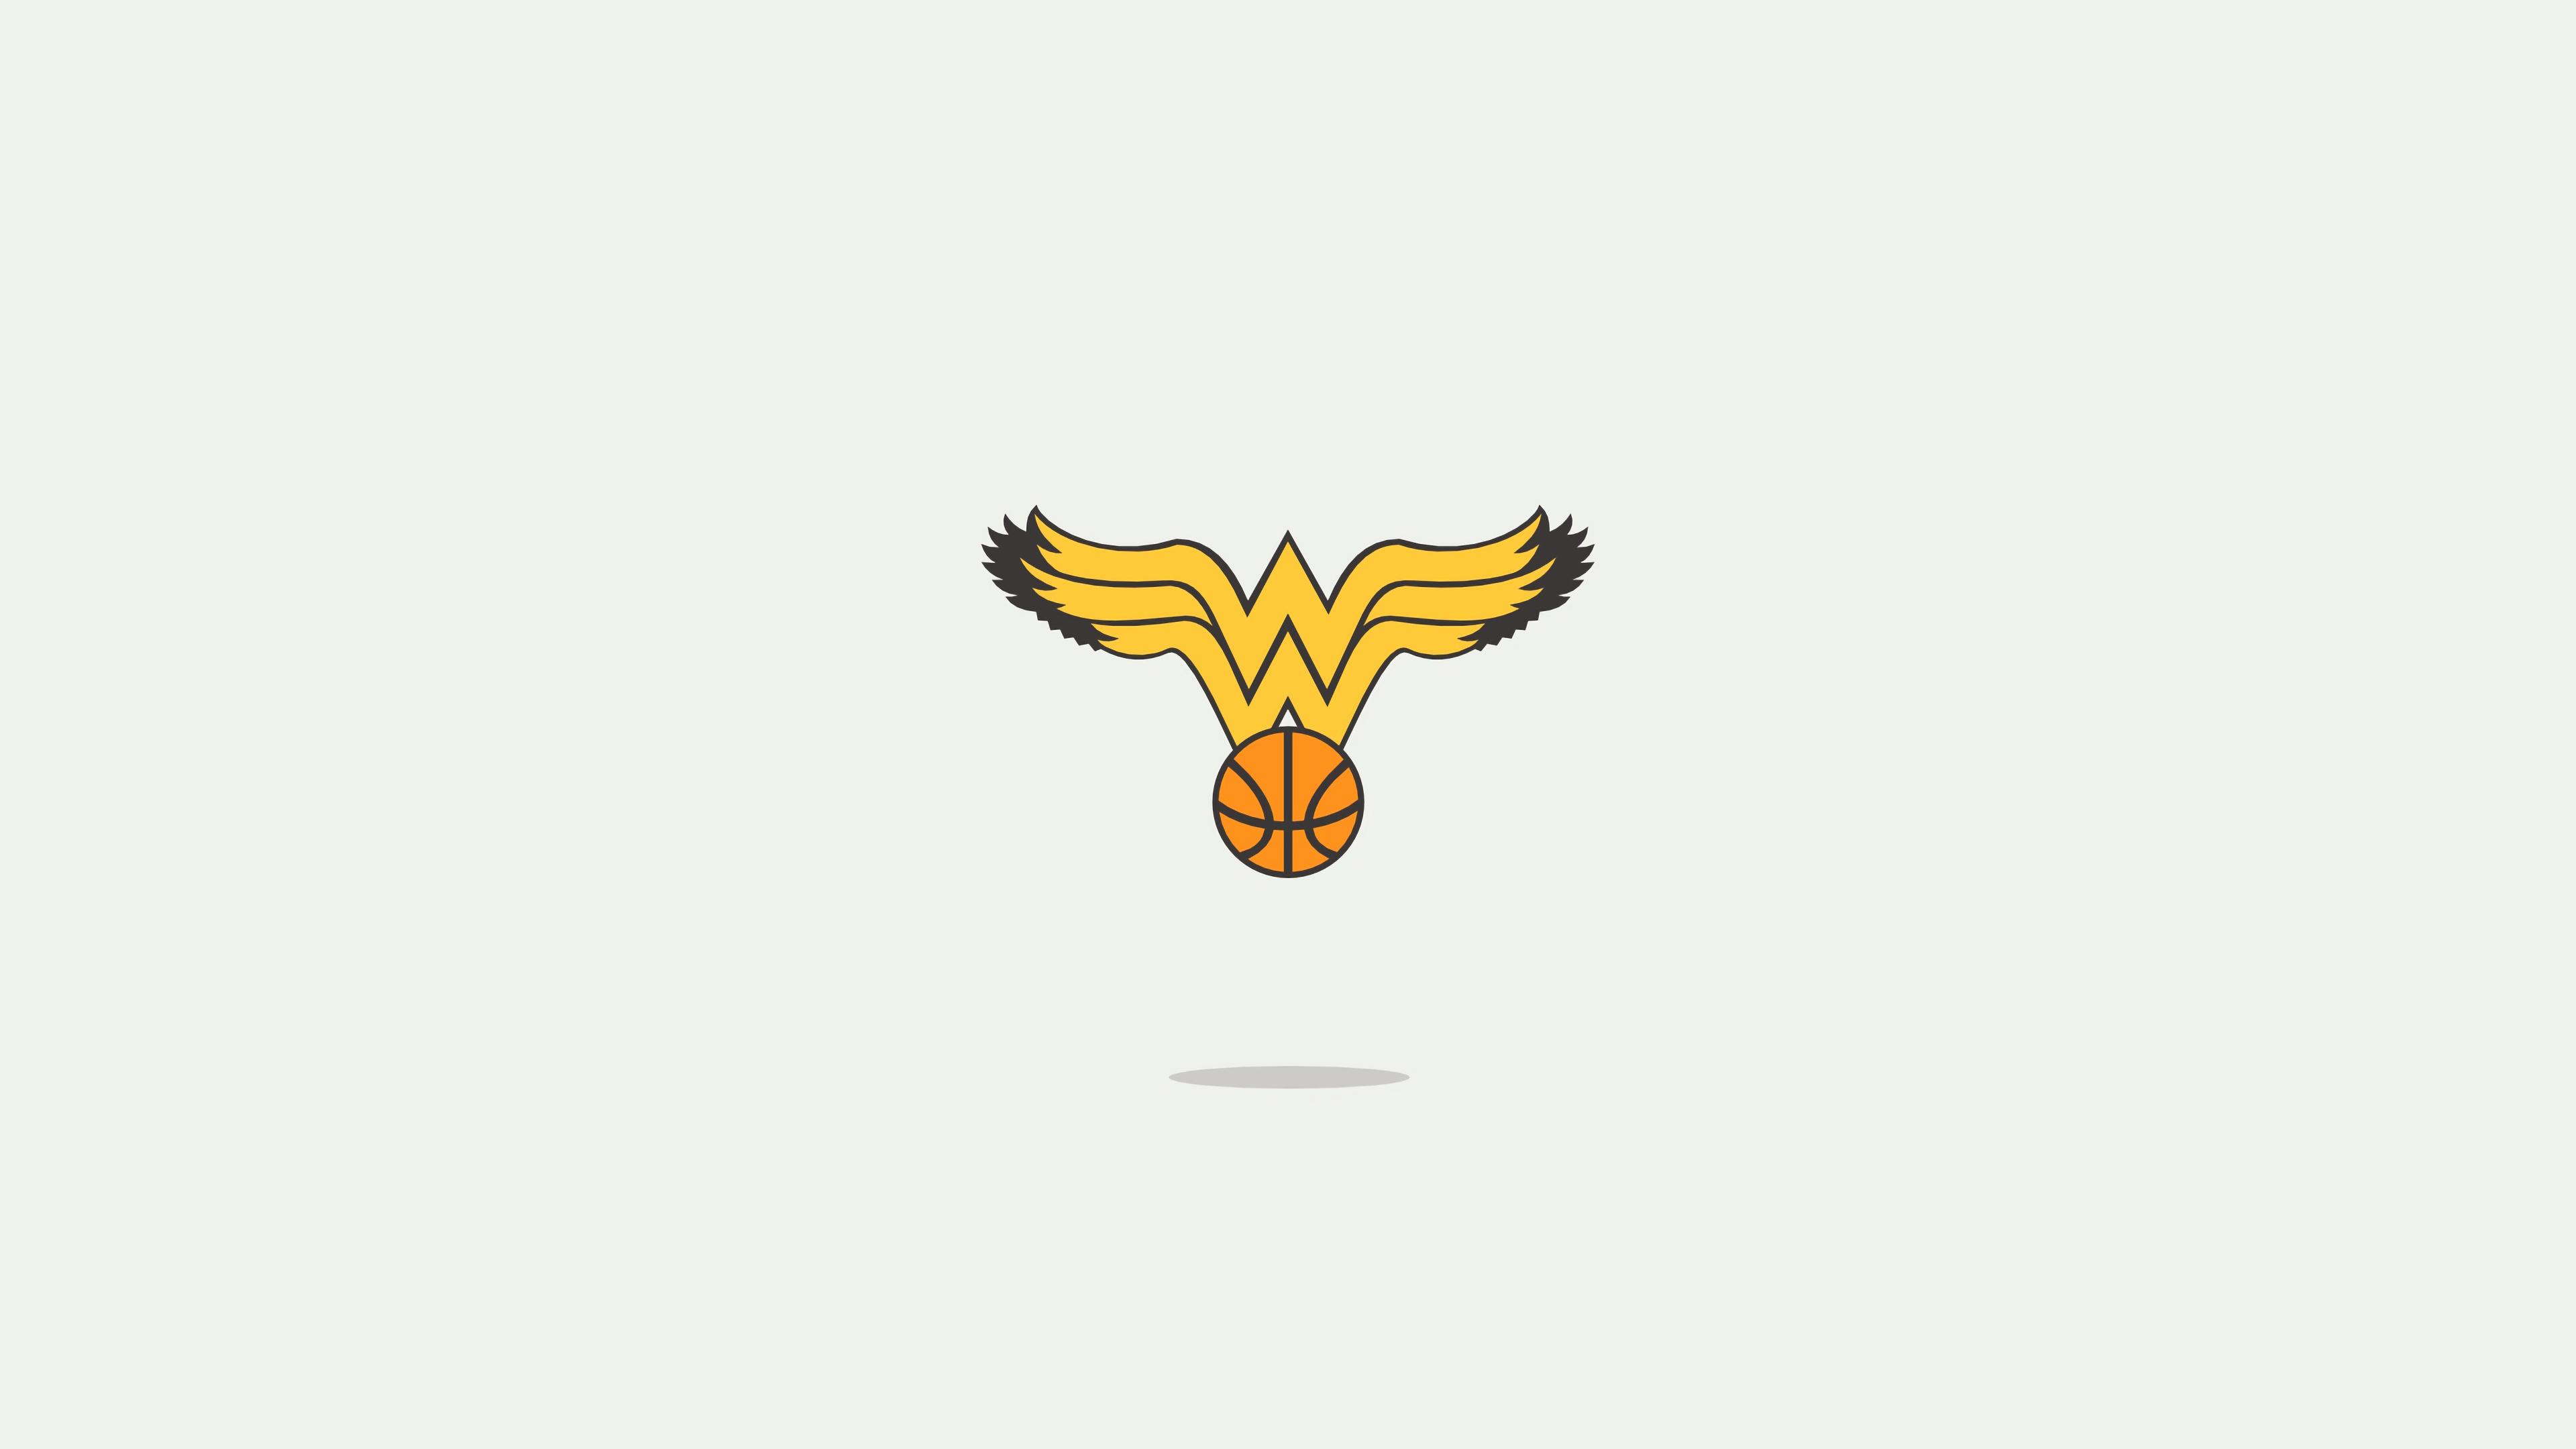 wonder woman minimal logo 1568055374 - Wonder Woman Minimal Logo - wonder woman wallpapers, superheroes wallpapers, minimalist wallpapers, minimalism wallpapers, hd-wallpapers, behance wallpapers, 4k-wallpapers